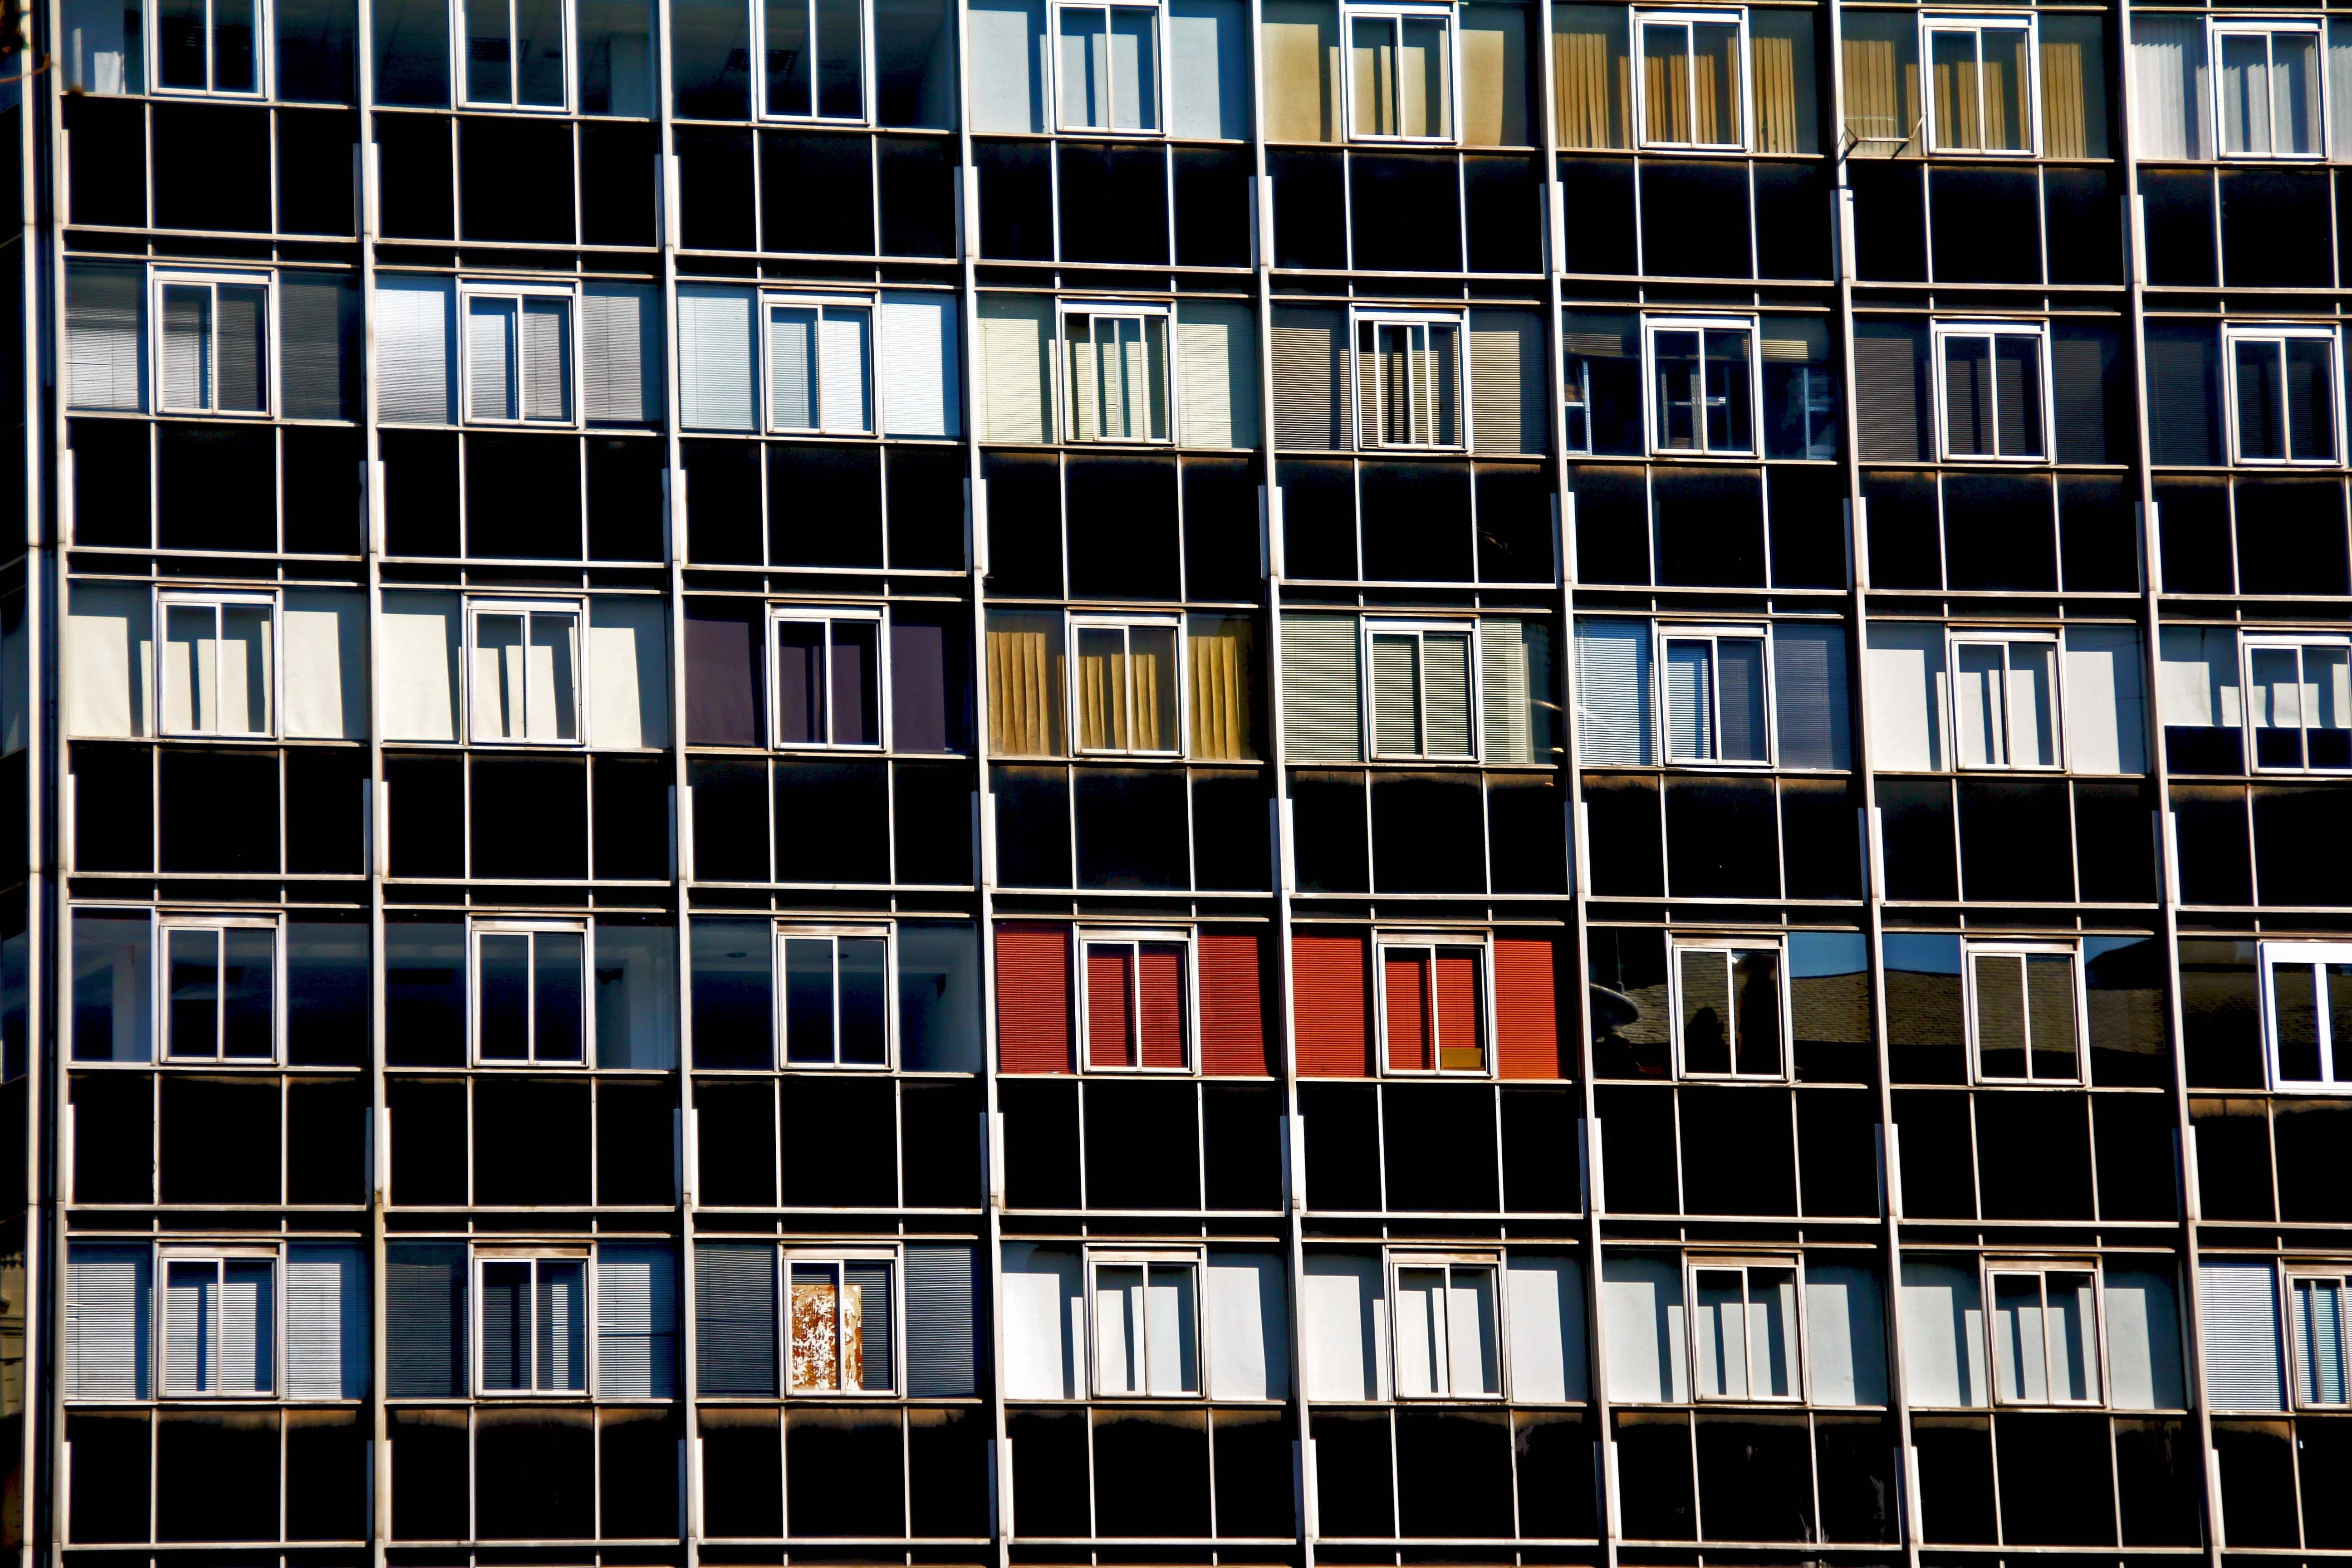 appartement, architectuur, bouw